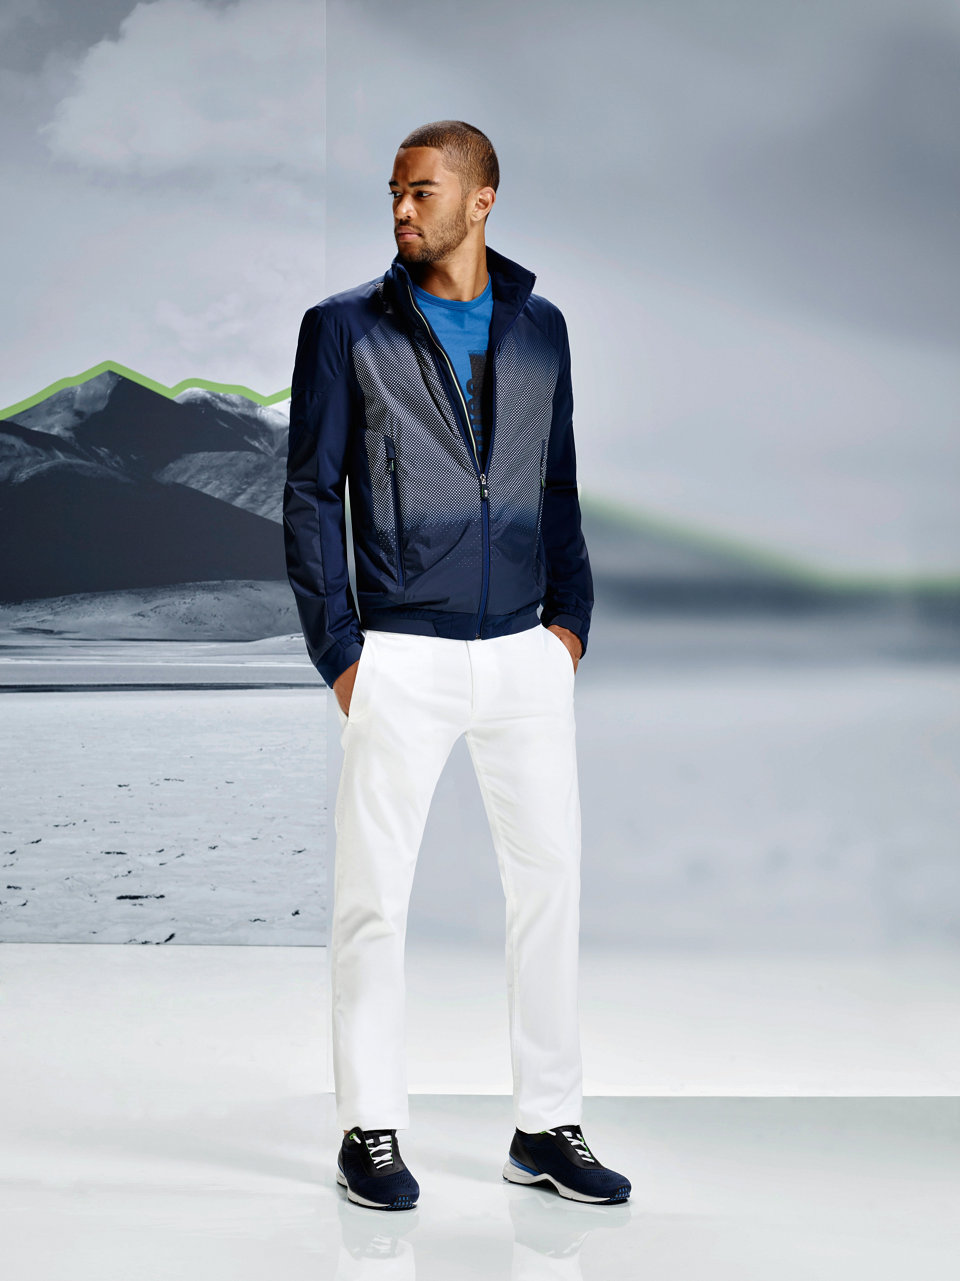 Blaue Jacke, weißes Jersey und dunkelblaue Hose vonBOSSGreen